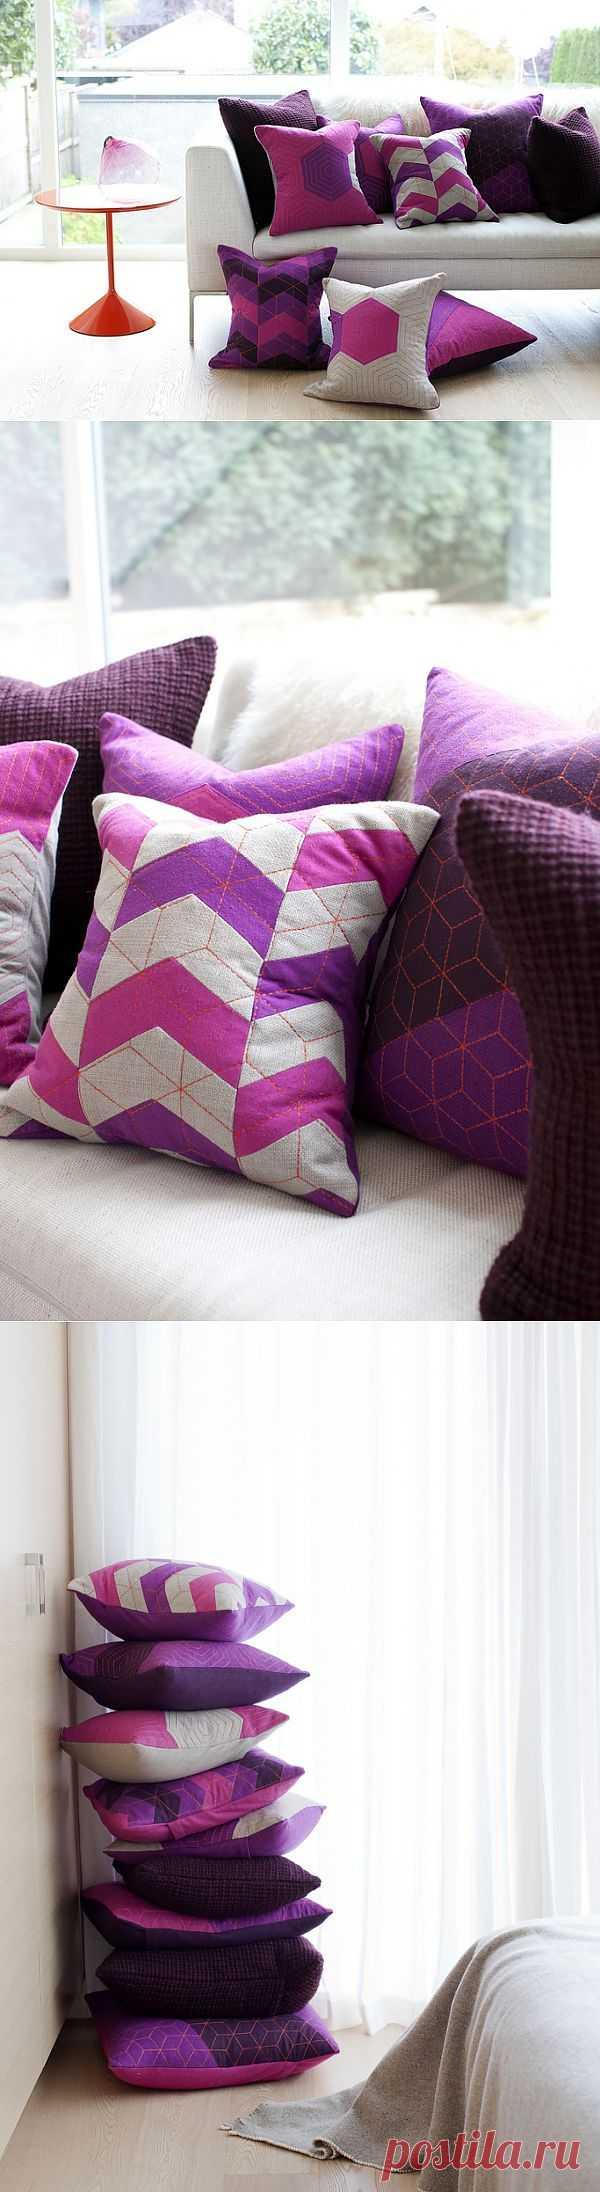 Подушки с интересными фактурами (подборка) / Подушки / Модный сайт о стильной переделке одежды и интерьера